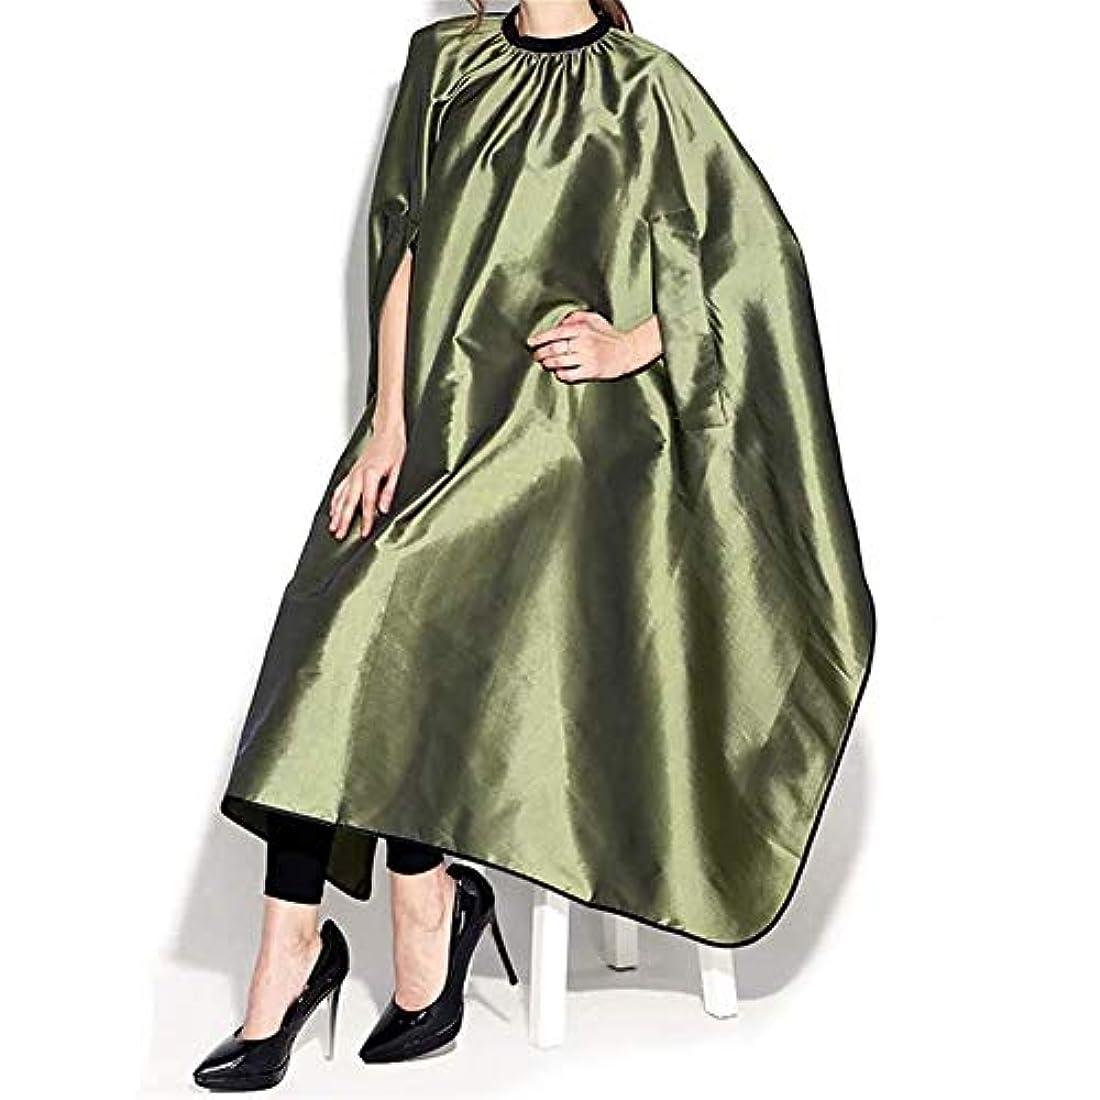 ボイラービジターステーキHIZLJJ 理髪理髪ガウン防水サロンケープ散髪エプロン髪カット染めスタイリング布 (Color : Green)